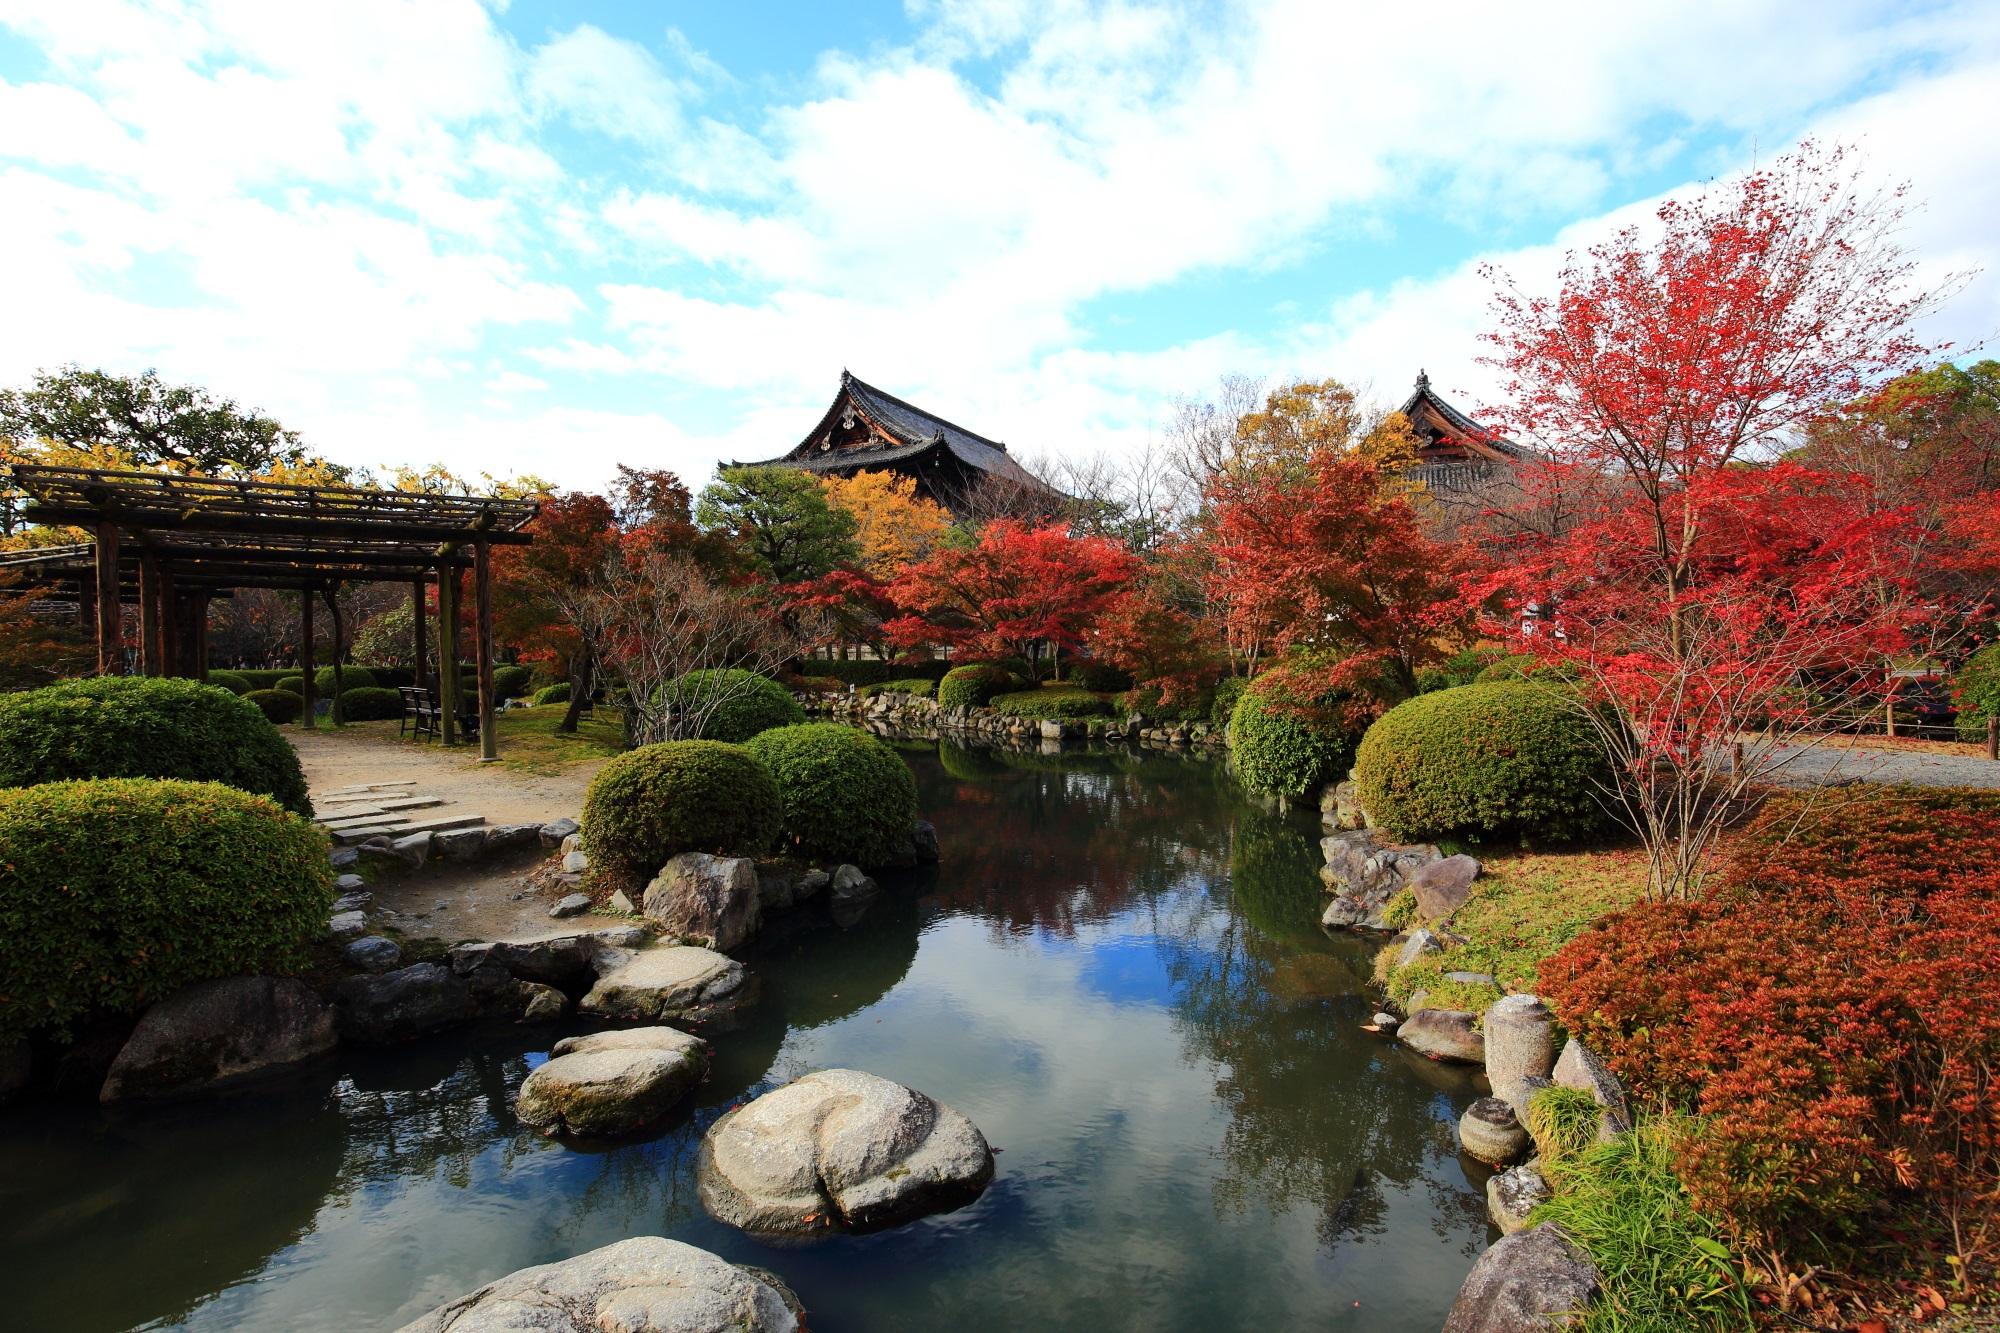 紅葉名所の東寺の優美な紅葉と瓢箪池